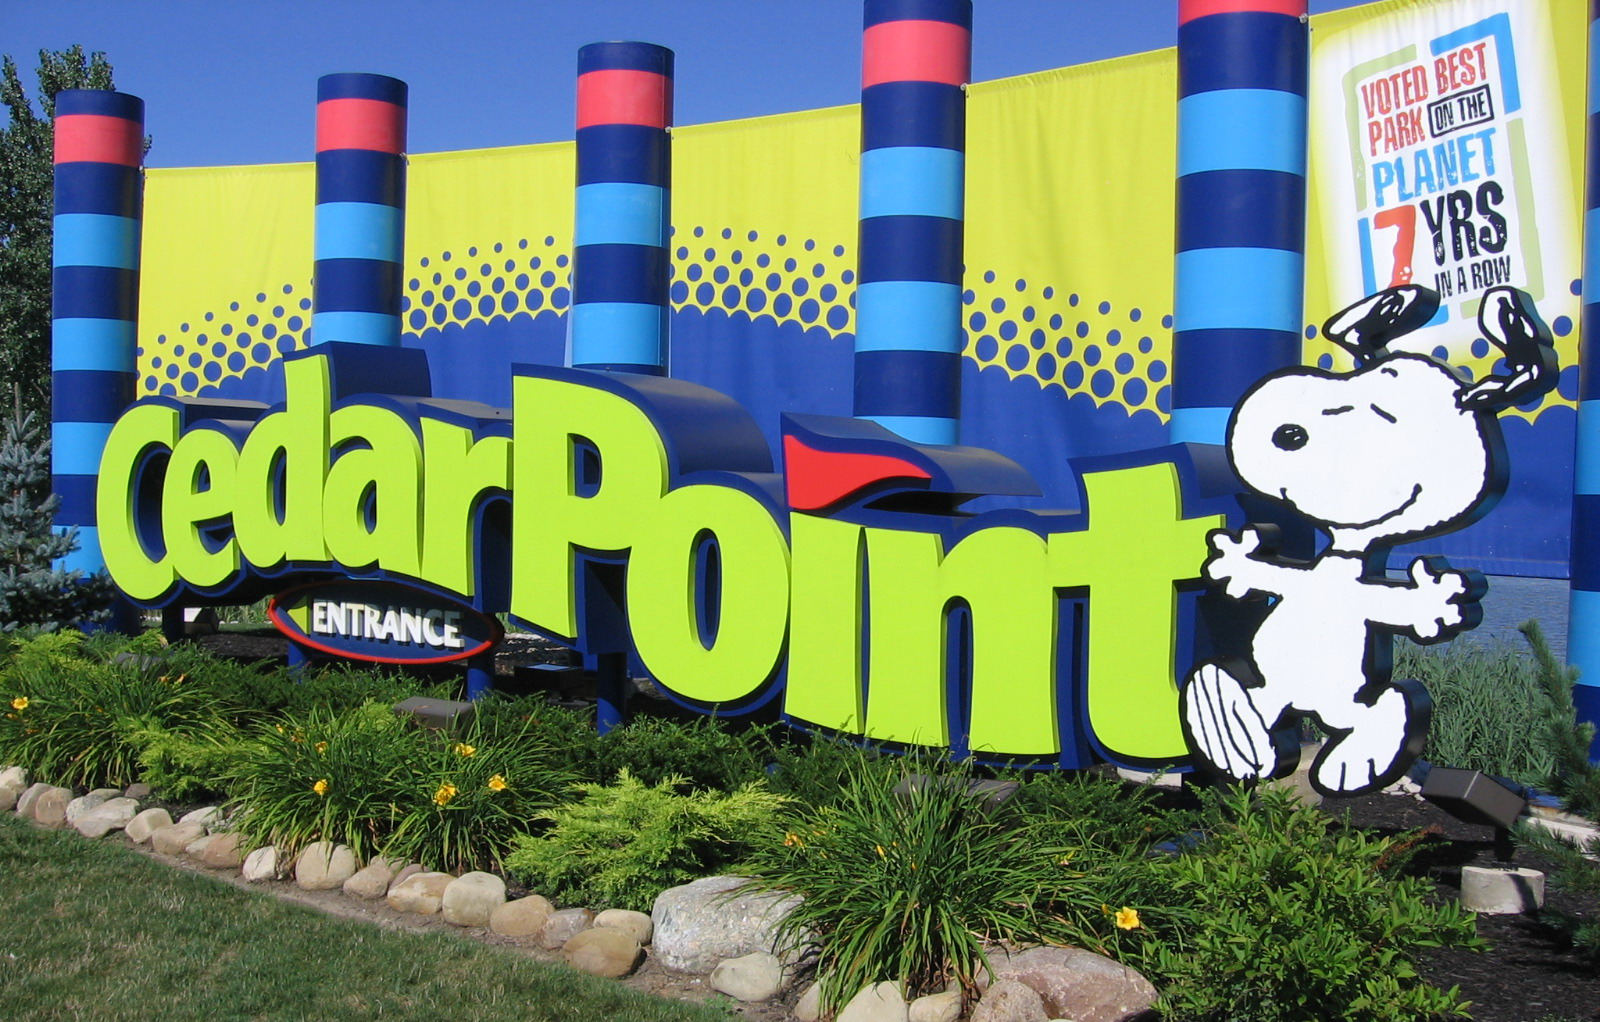 Cedar_Point-entrance.jpg